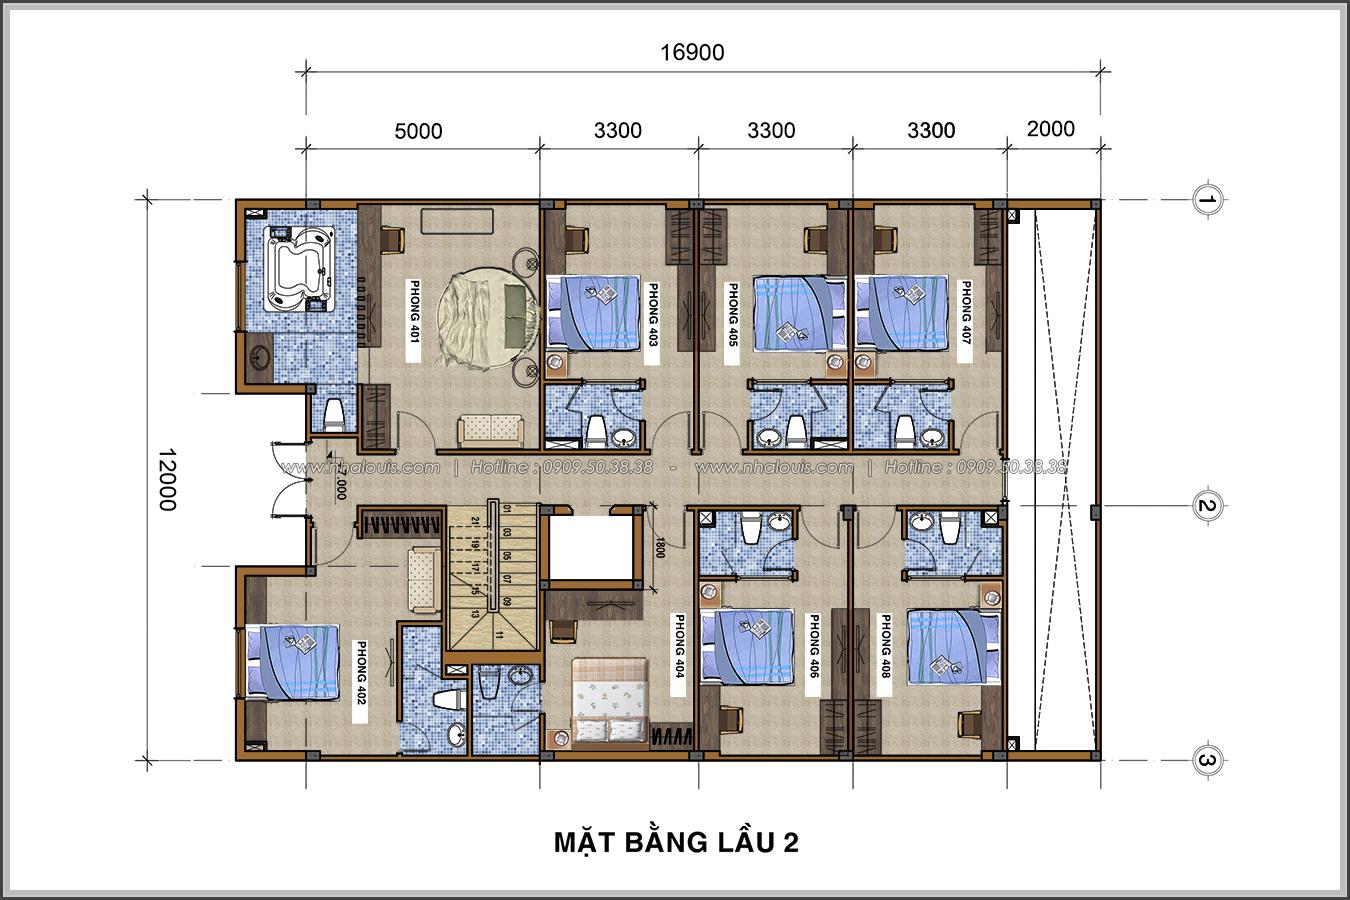 Thiết kế khách sạn cổ điển tại Phan Thiết đẹp lộng lẫy - 07